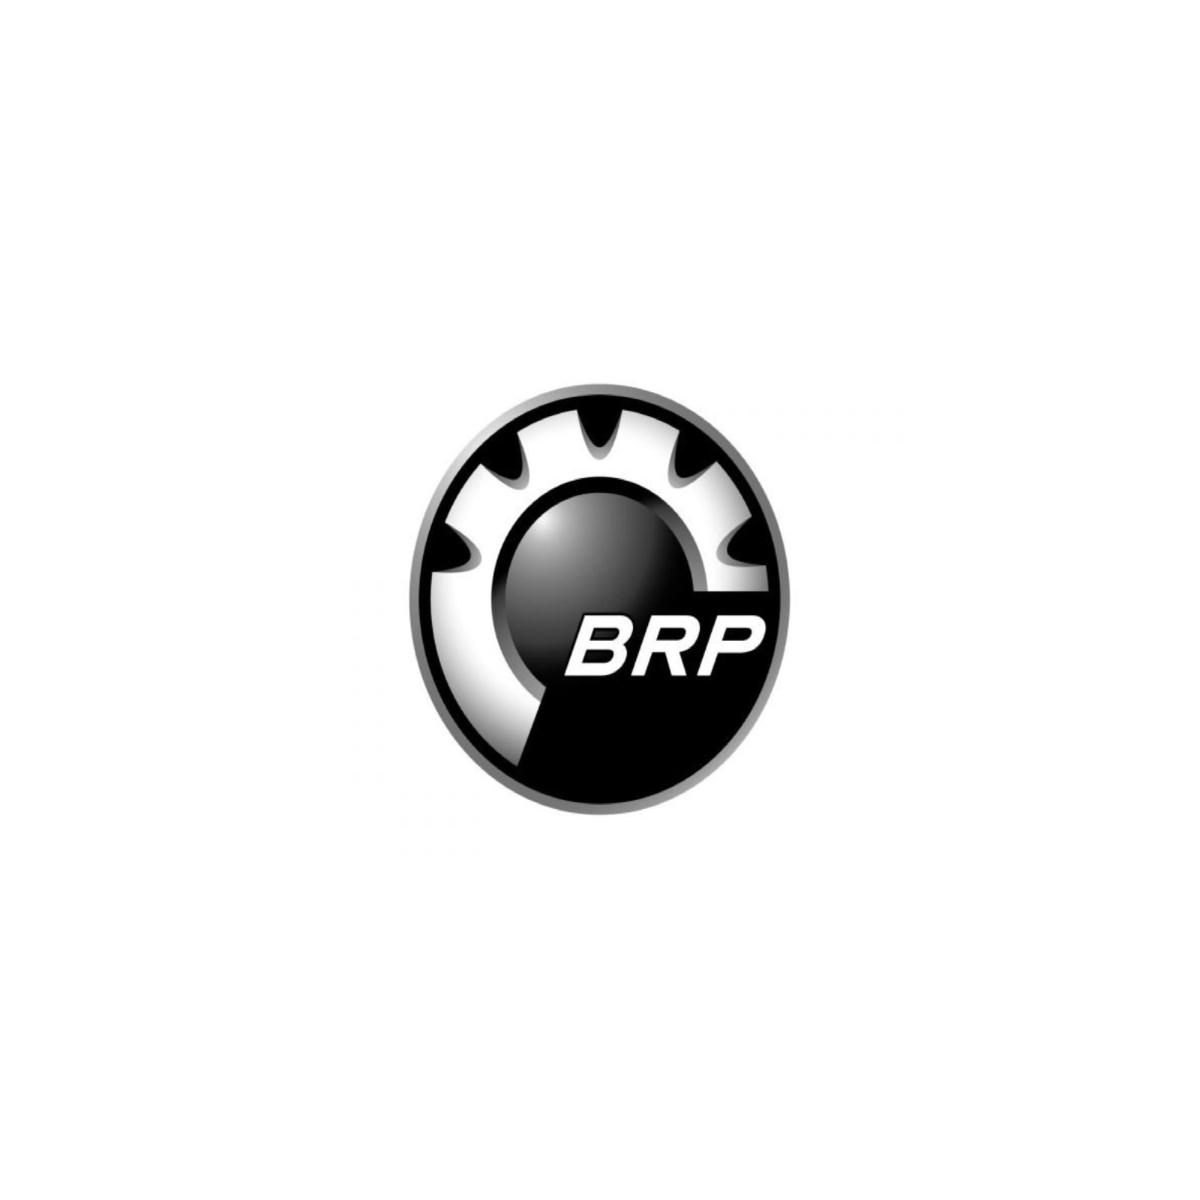 Suporte Opas Sea Doo GTI 2 Tempos 02 a 04 Lado Esquerdo (LH)  - Radical Peças - Peças para Jet Ski